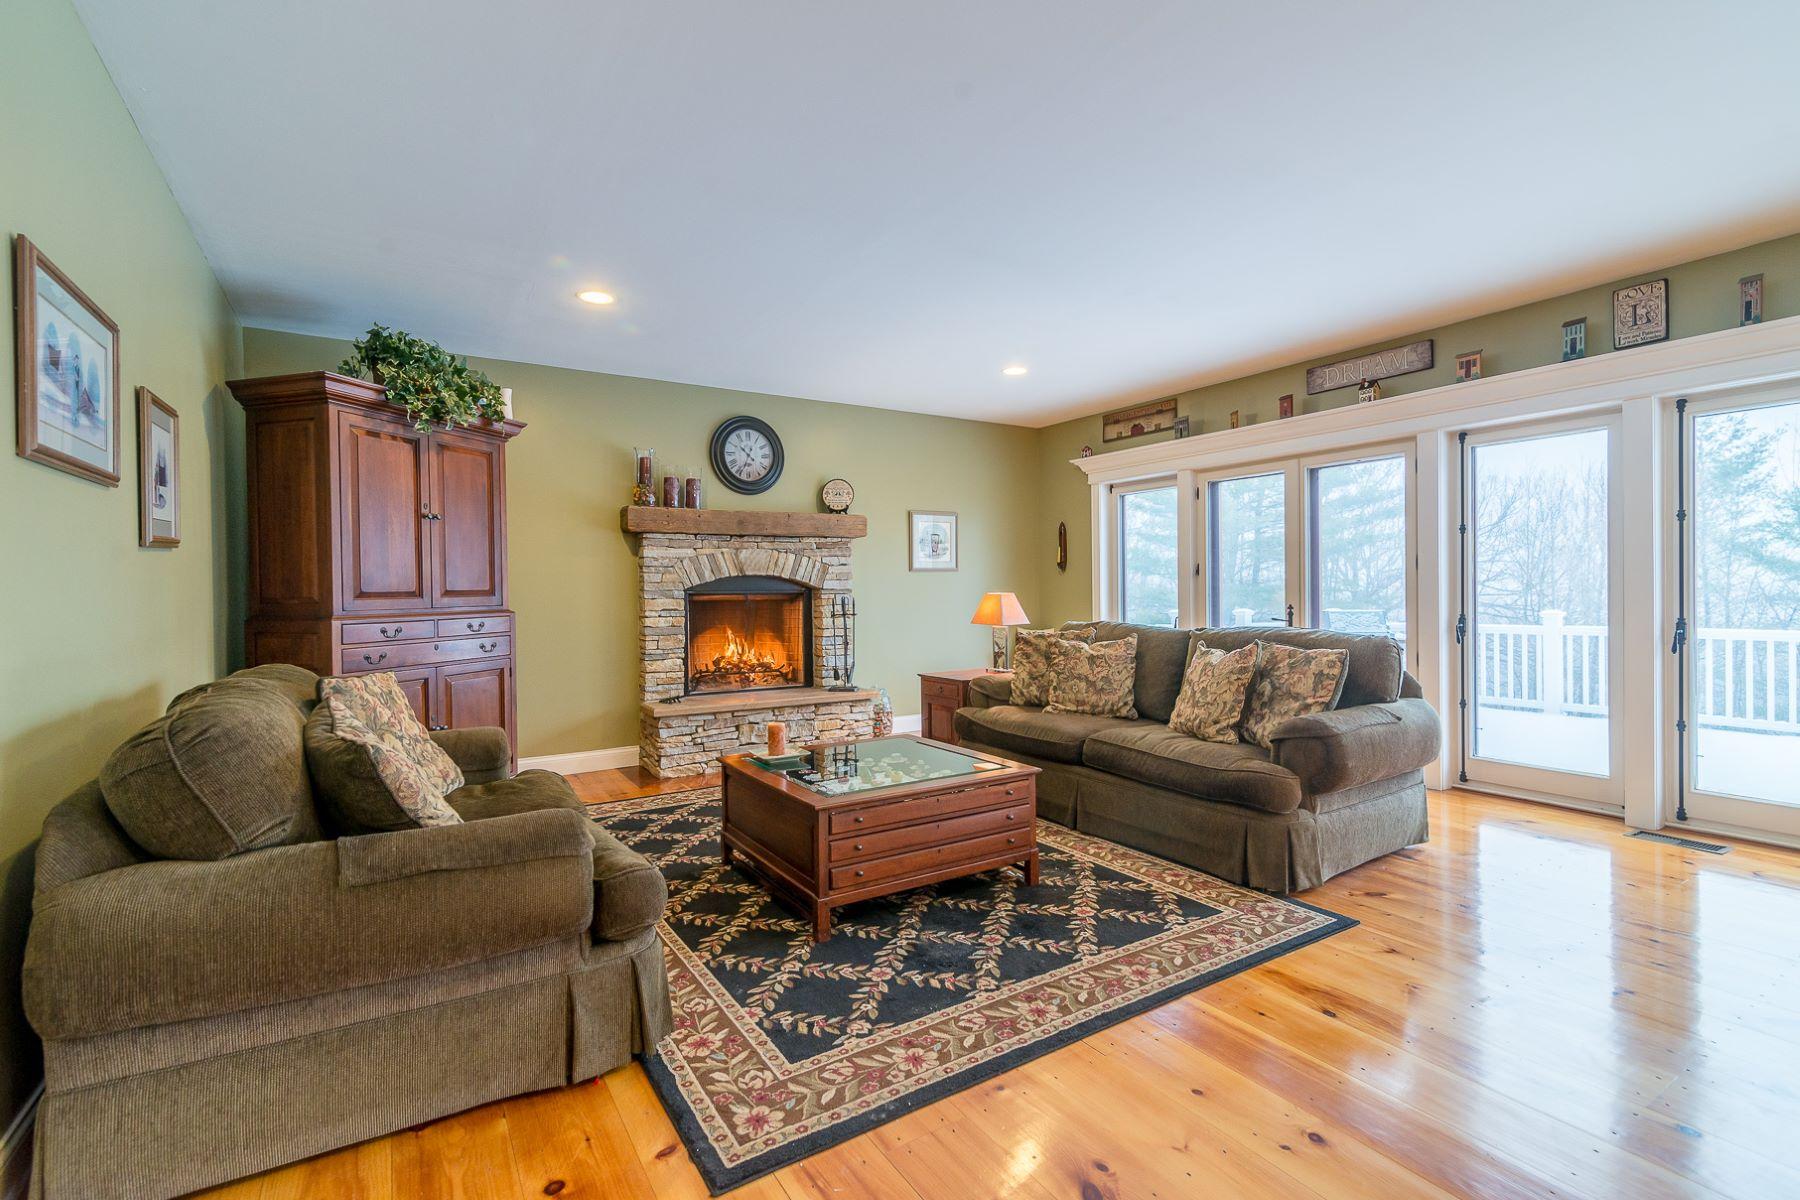 Maison unifamiliale pour l Vente à Contemporary Farmhouse in Private Setting 476 Sleighbell Manchester, Vermont, 05255 États-Unis